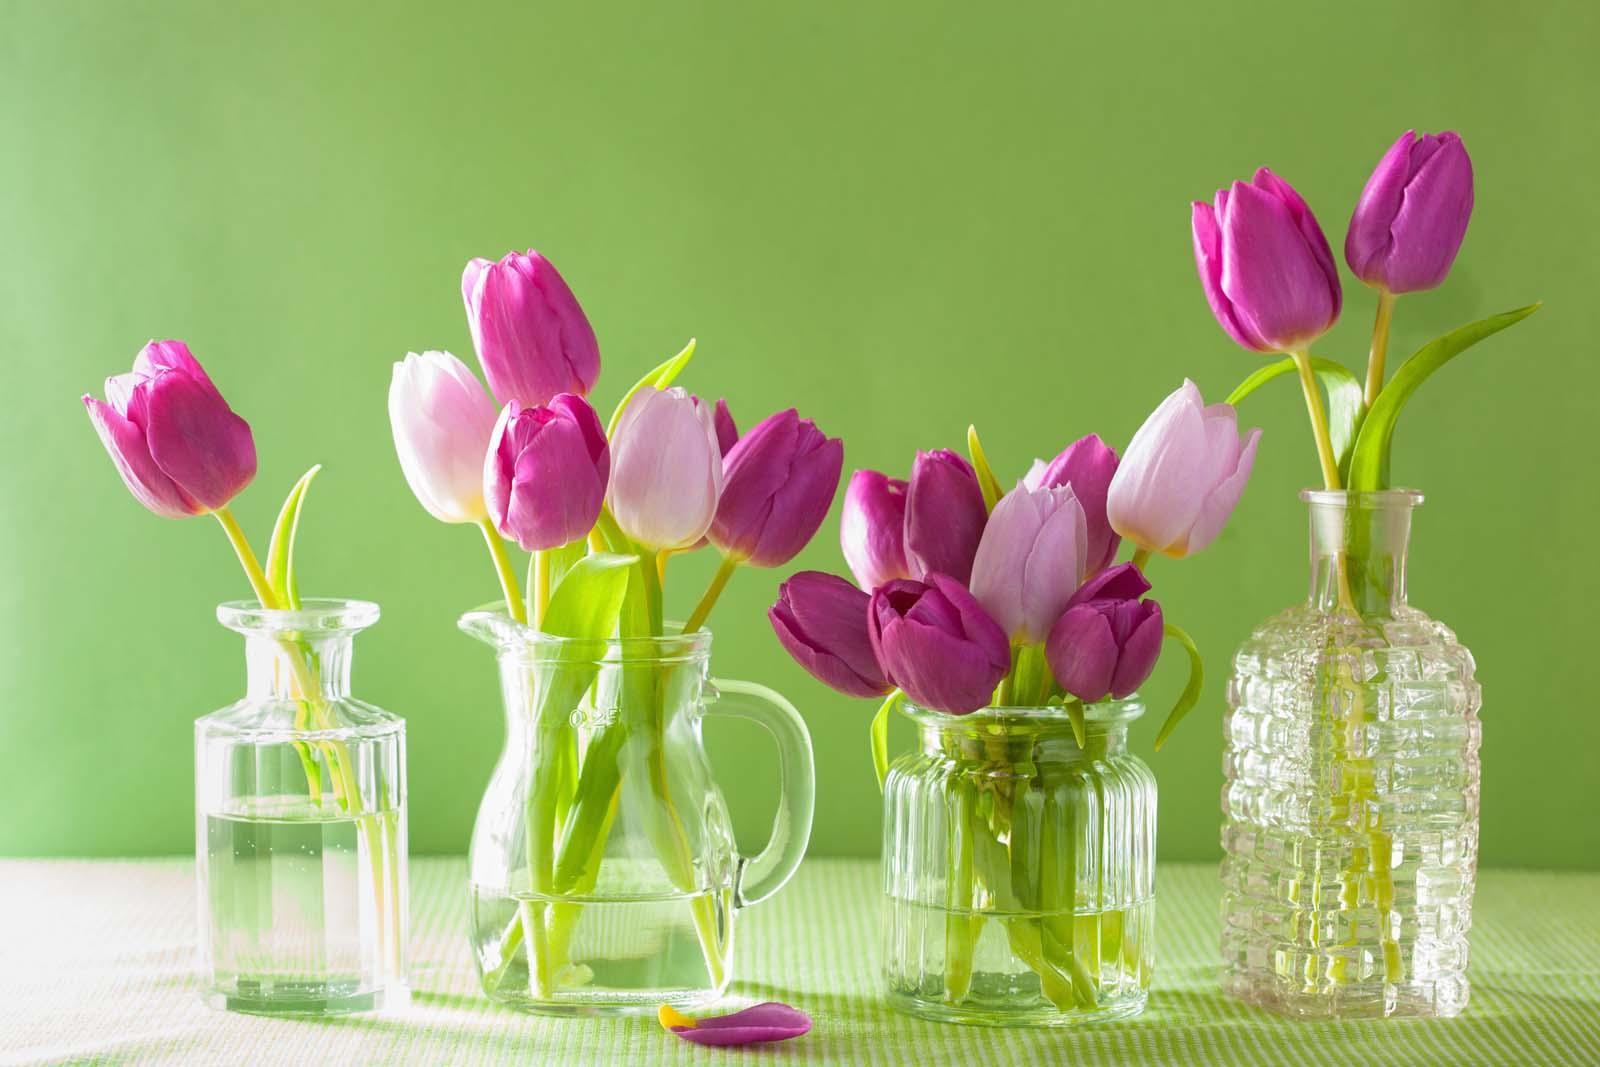 Frühling in den eigenen vier Wänden